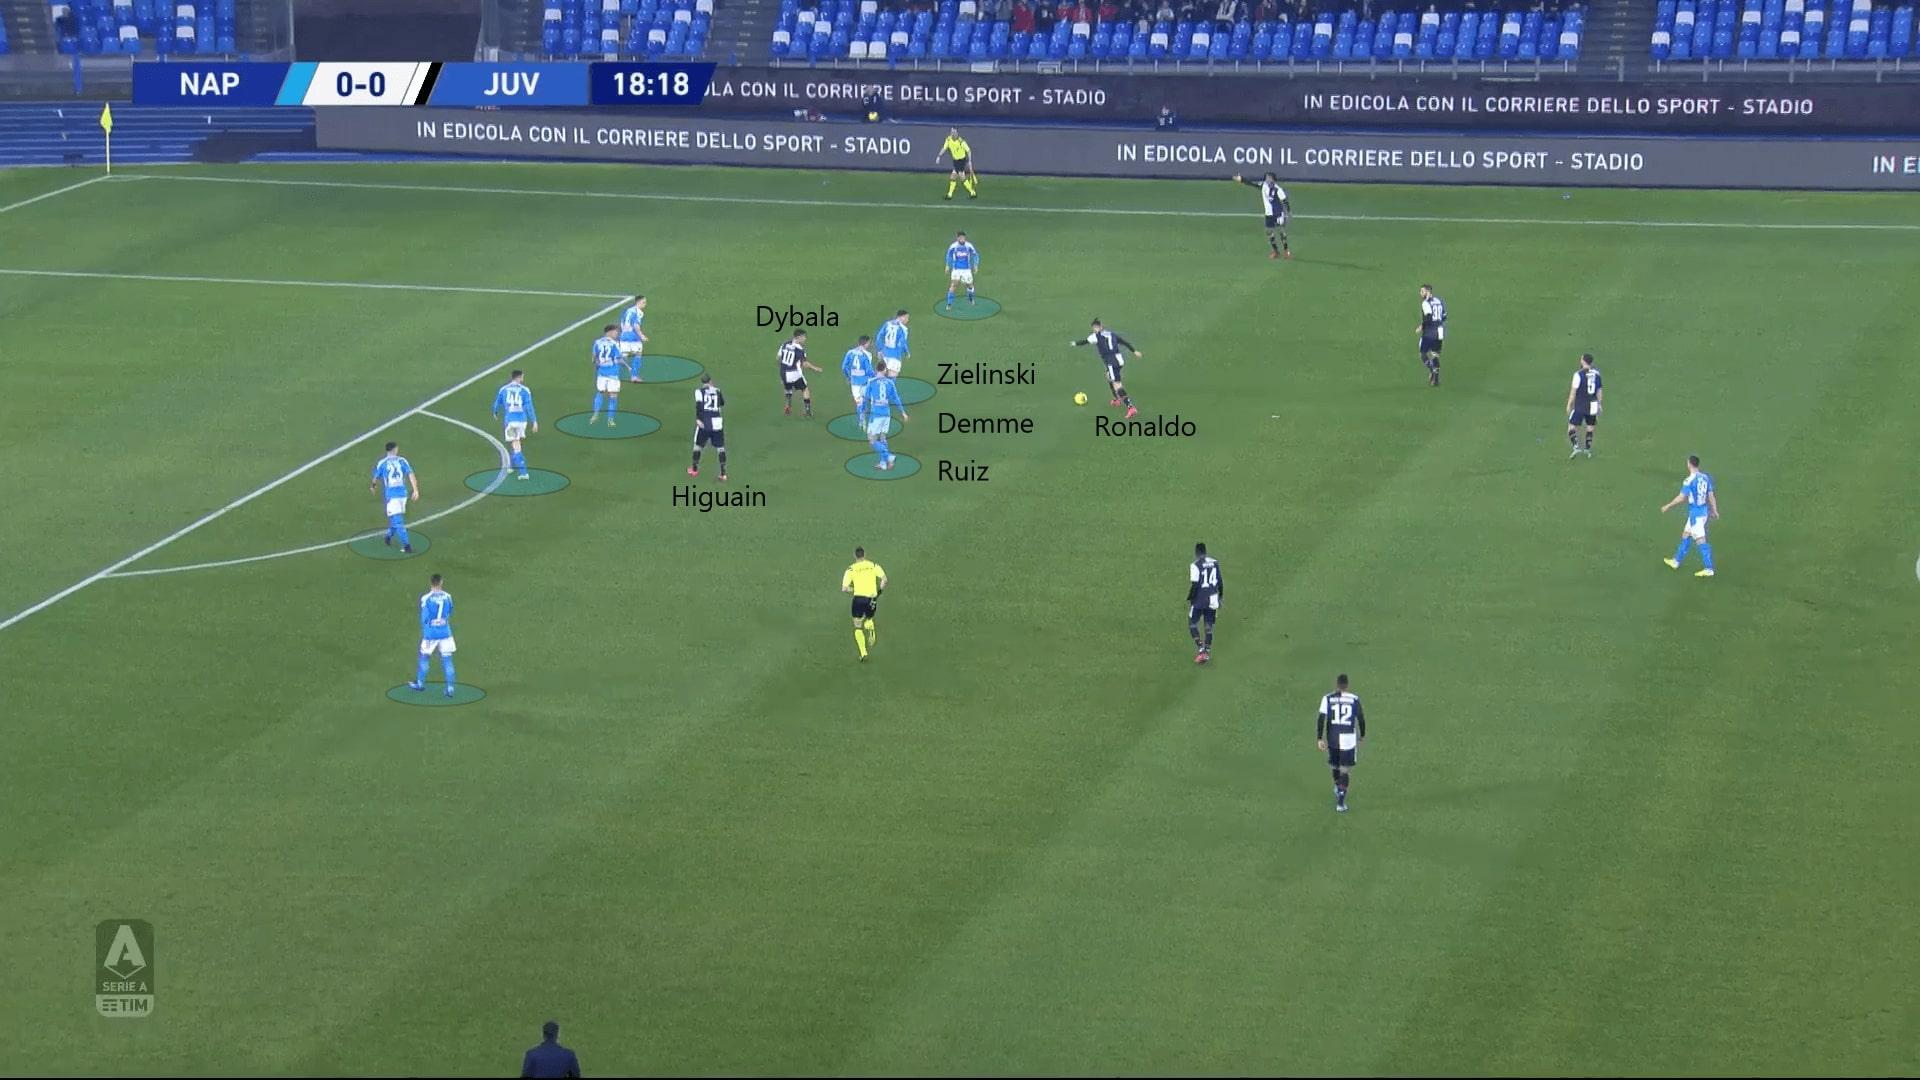 Serie A 2019/20: Napoli vs Juventus - tactical analysis tactics